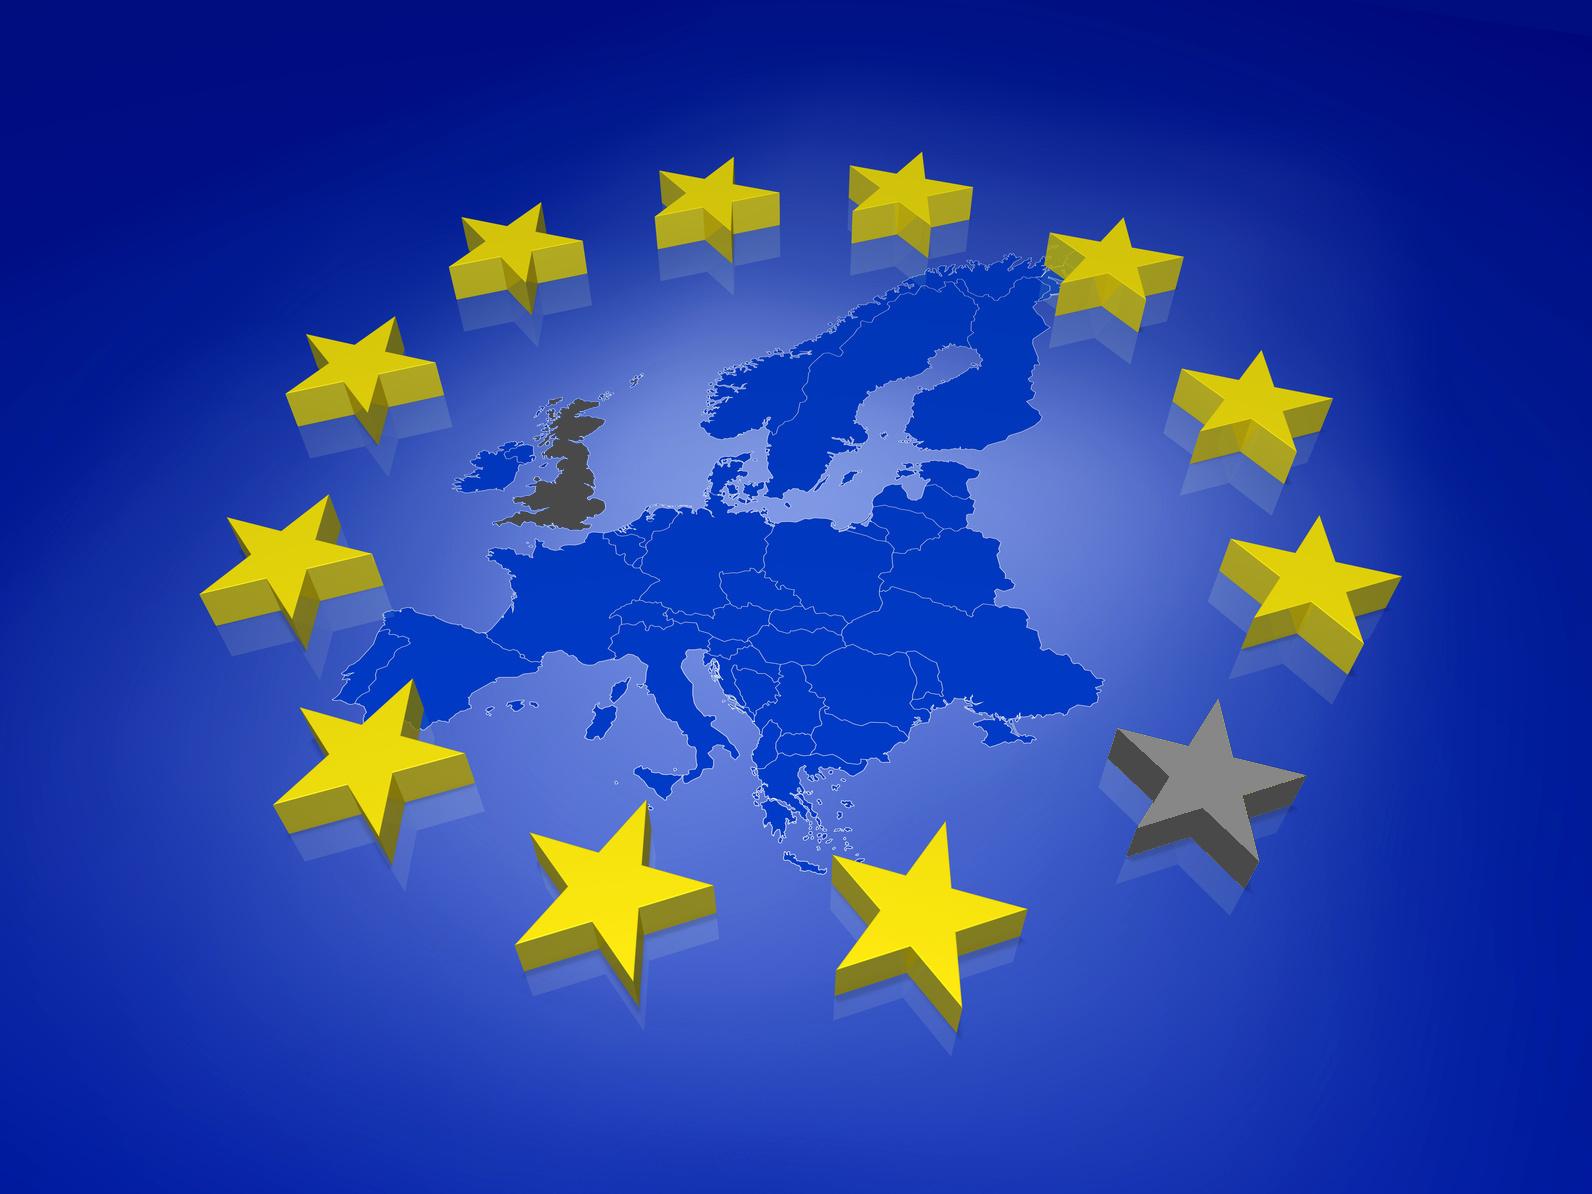 Europa, più impianti di energia alternativa destinati all'autoconsumo entro il 2030